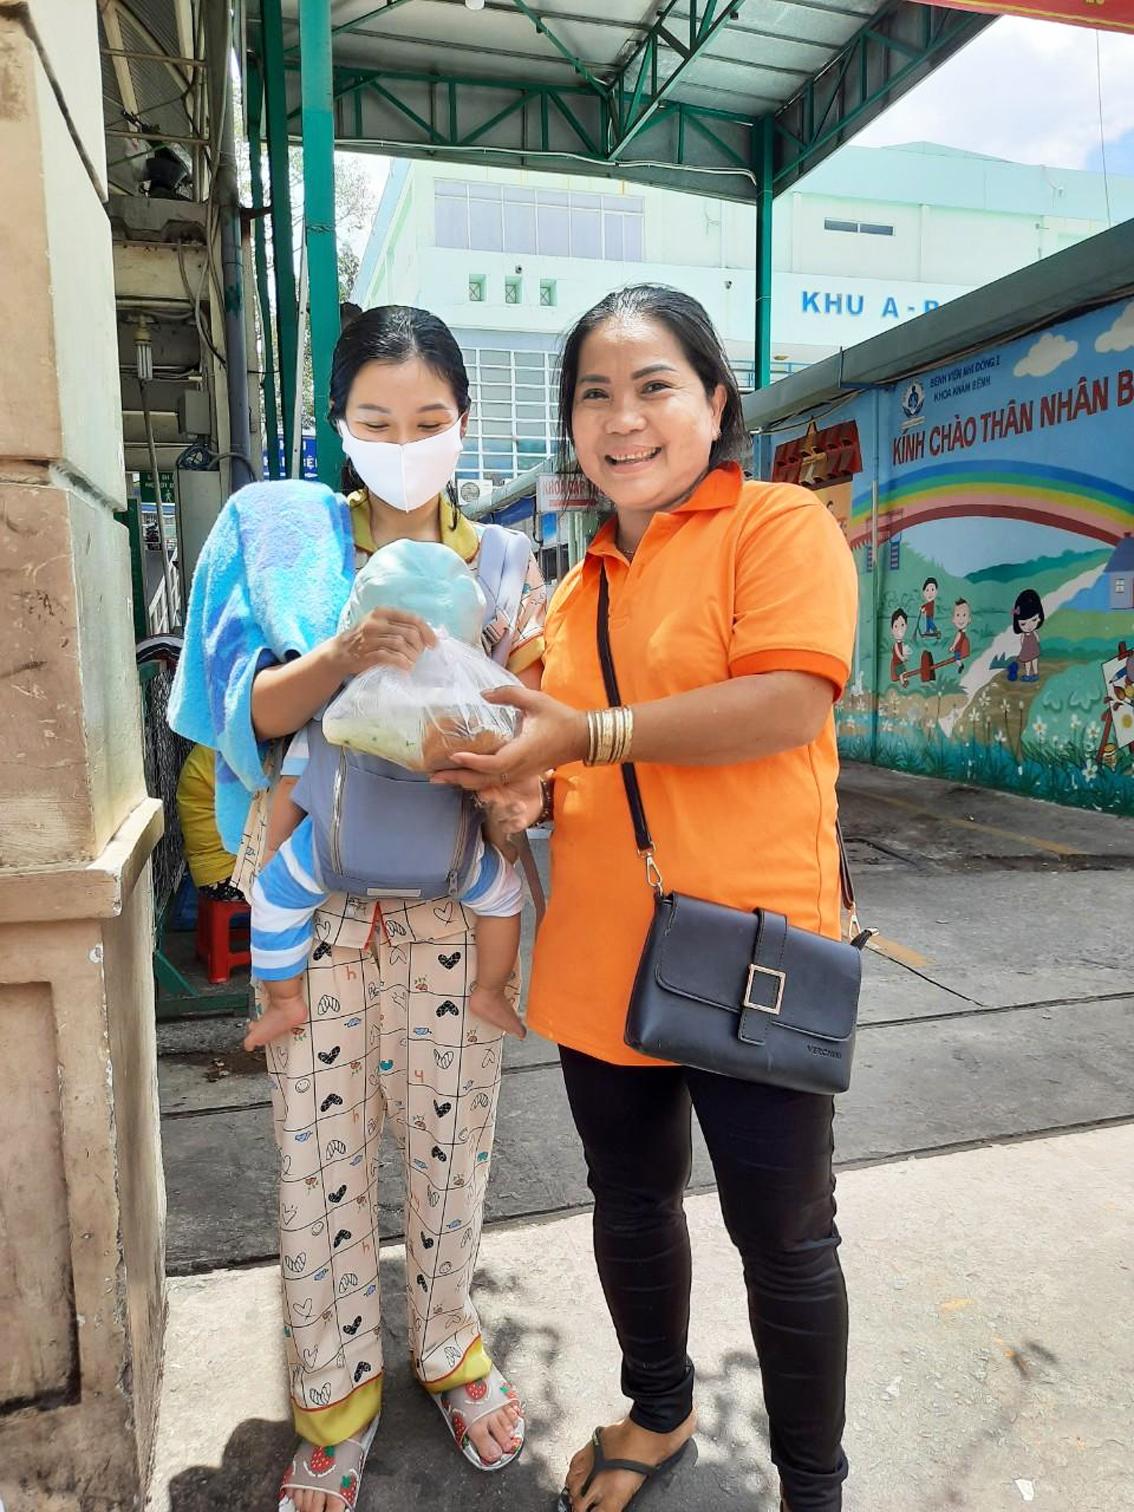 Chị Lê Hoàng Yến với sáu năm bền bỉ đưa cơm cho người nghèo - ảnh: T.L.